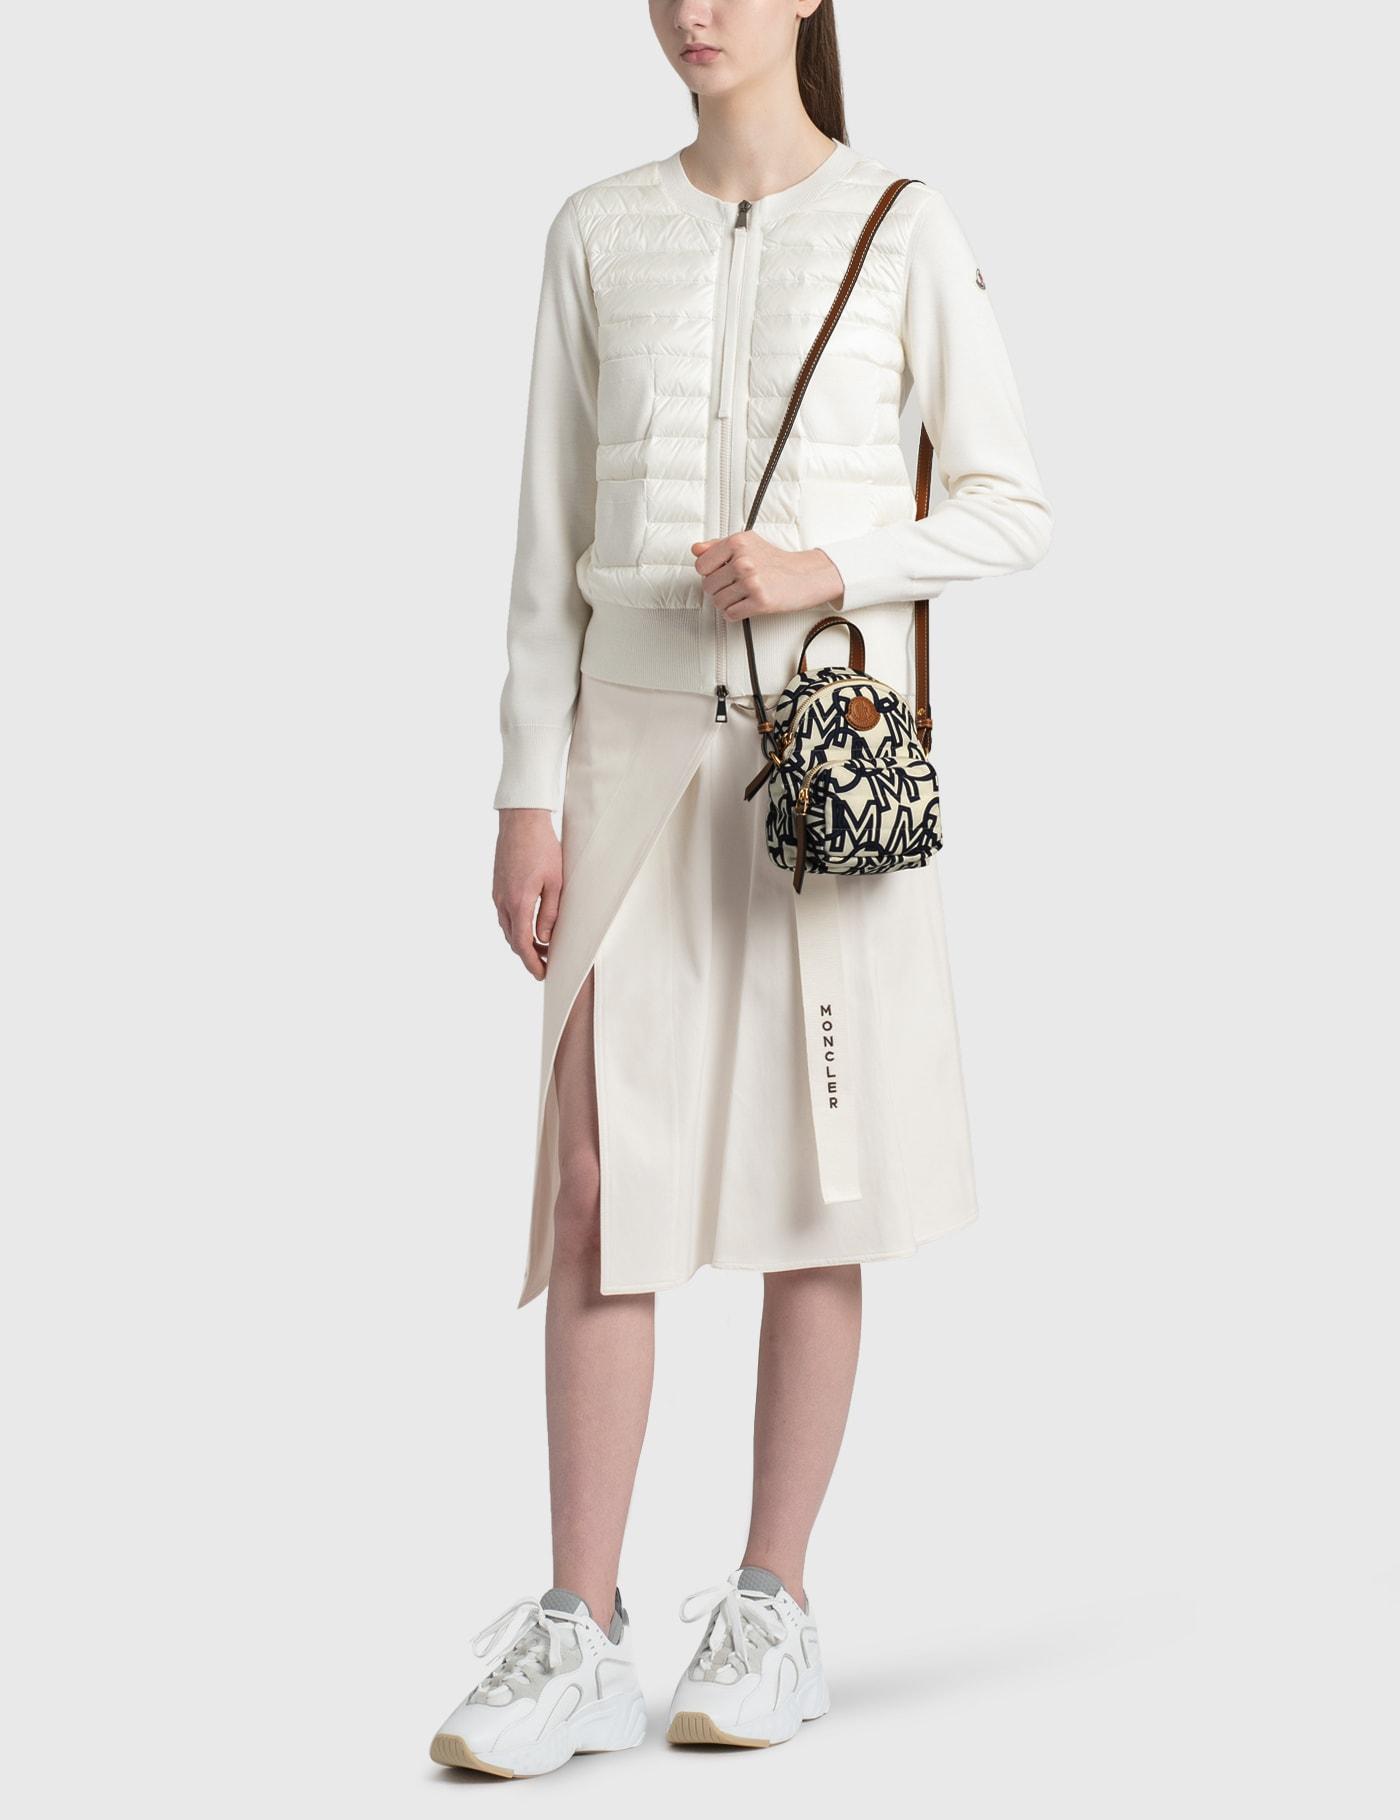 Moncler Kilia Small Bag In Multicolor